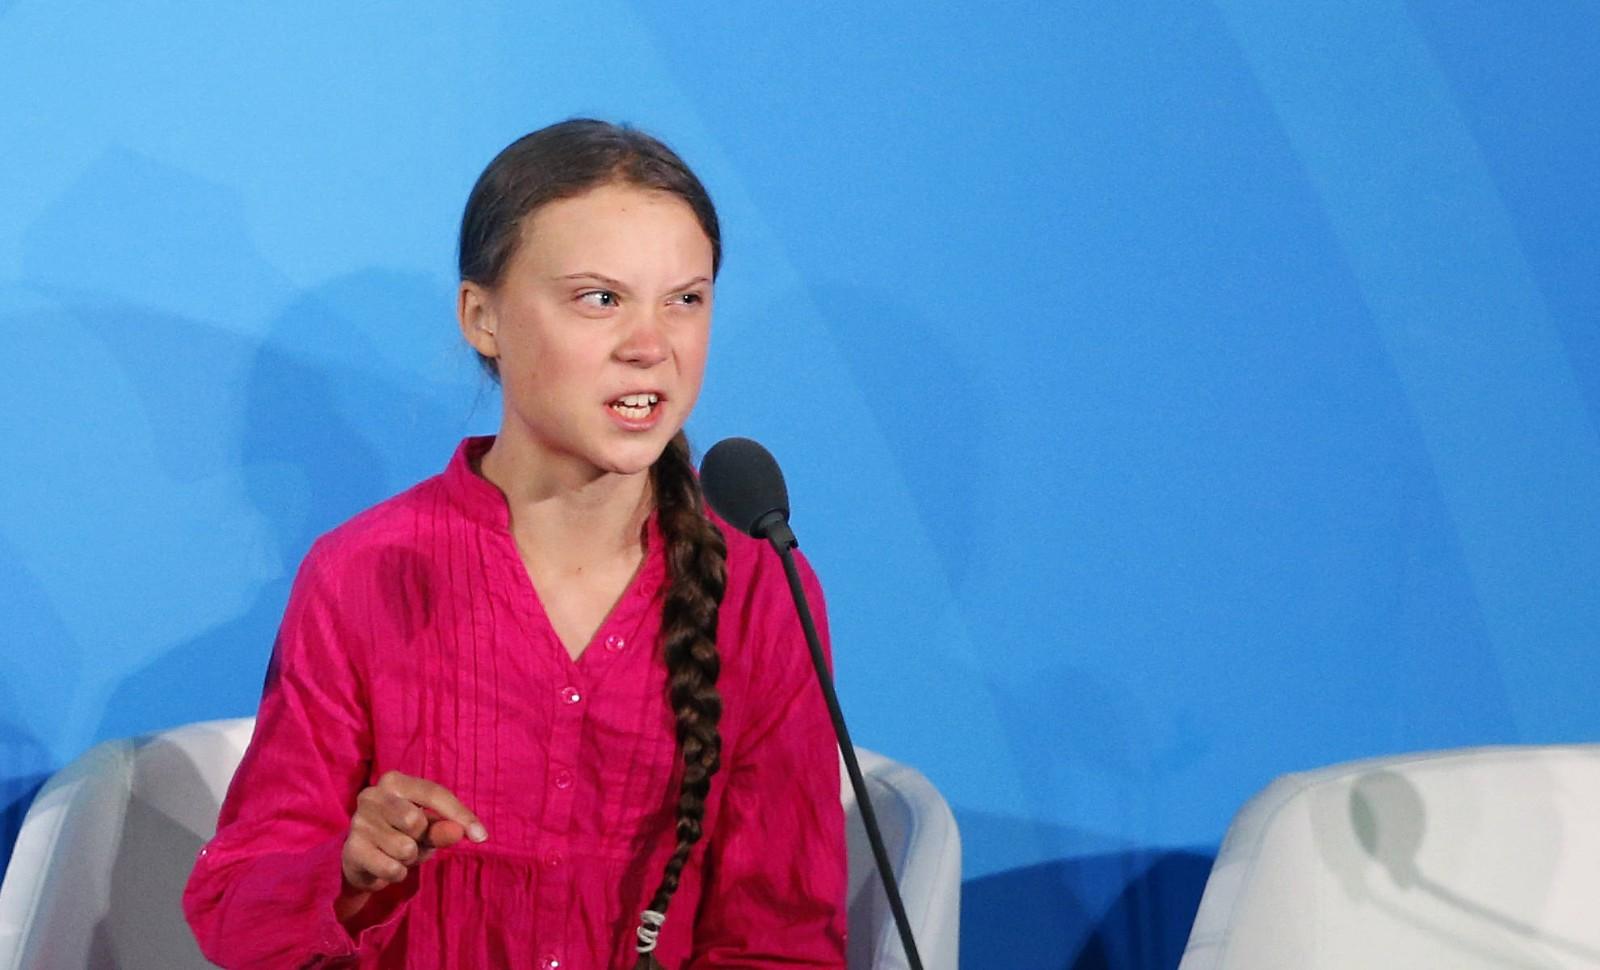 """Greta Thunberg le 23 septembre 2019, occupe l'imaginaire de nombre de fanatiques du """"progressisme"""" et de l'écologi © Jason DeCrow/AP/SIPA Numéro de reportage: AP22380946_000001"""